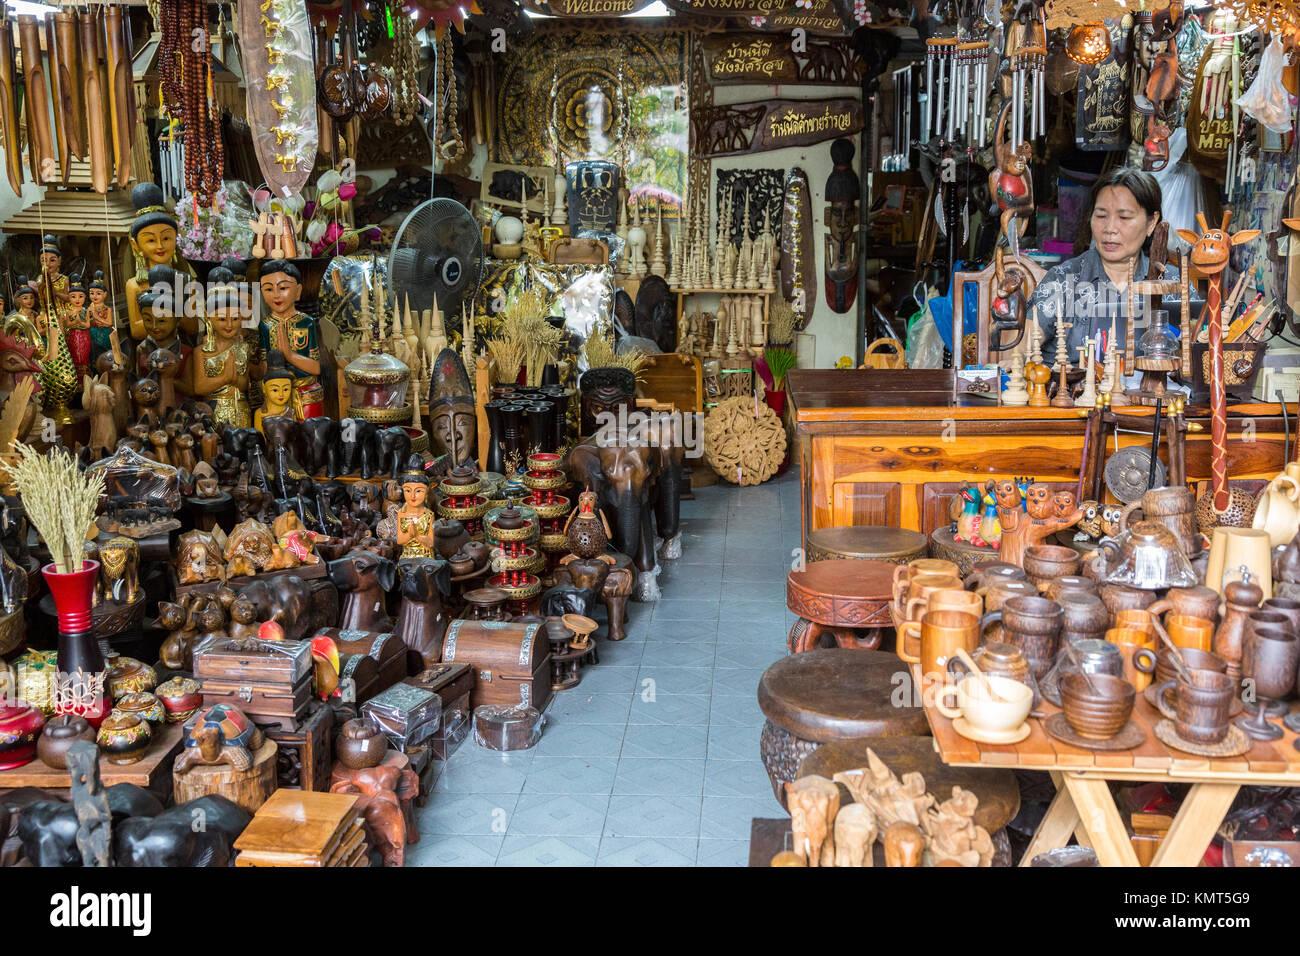 Bangkok Thailand Souvenir And Handicrafts Shop Stock Photo